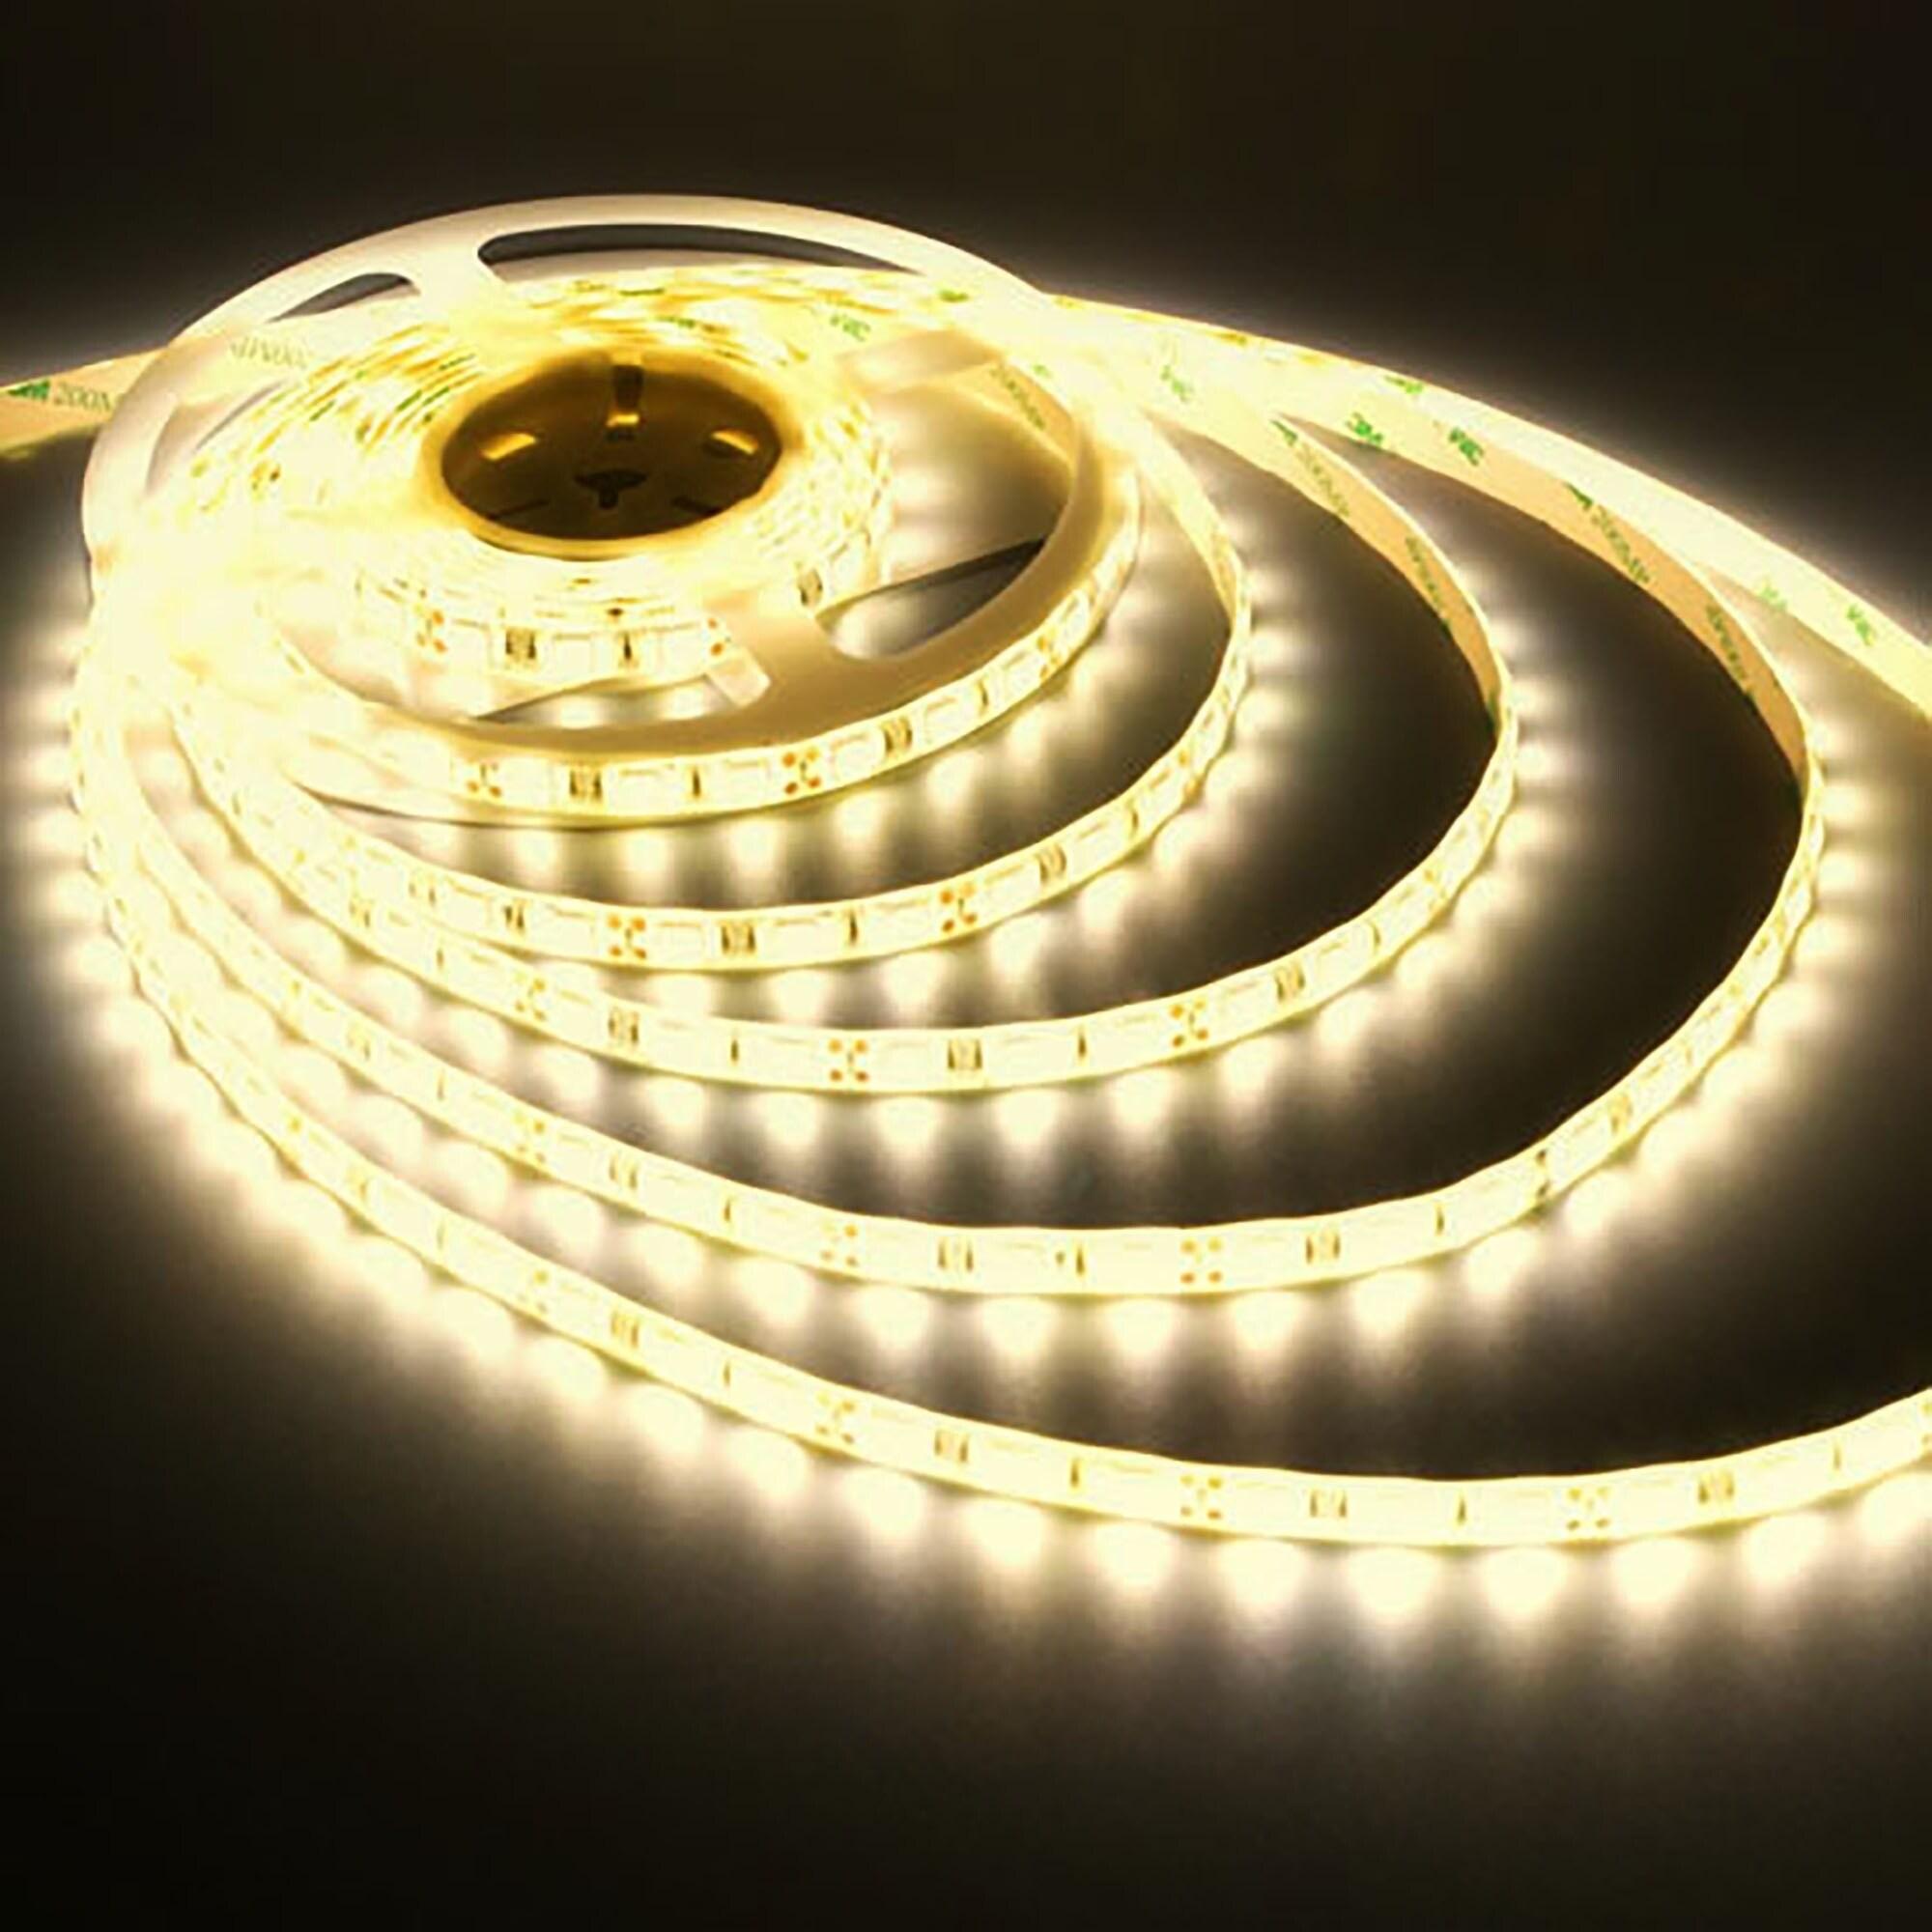 Itled 3528 Outdoor Led Strip Lights 12v 300 Leds